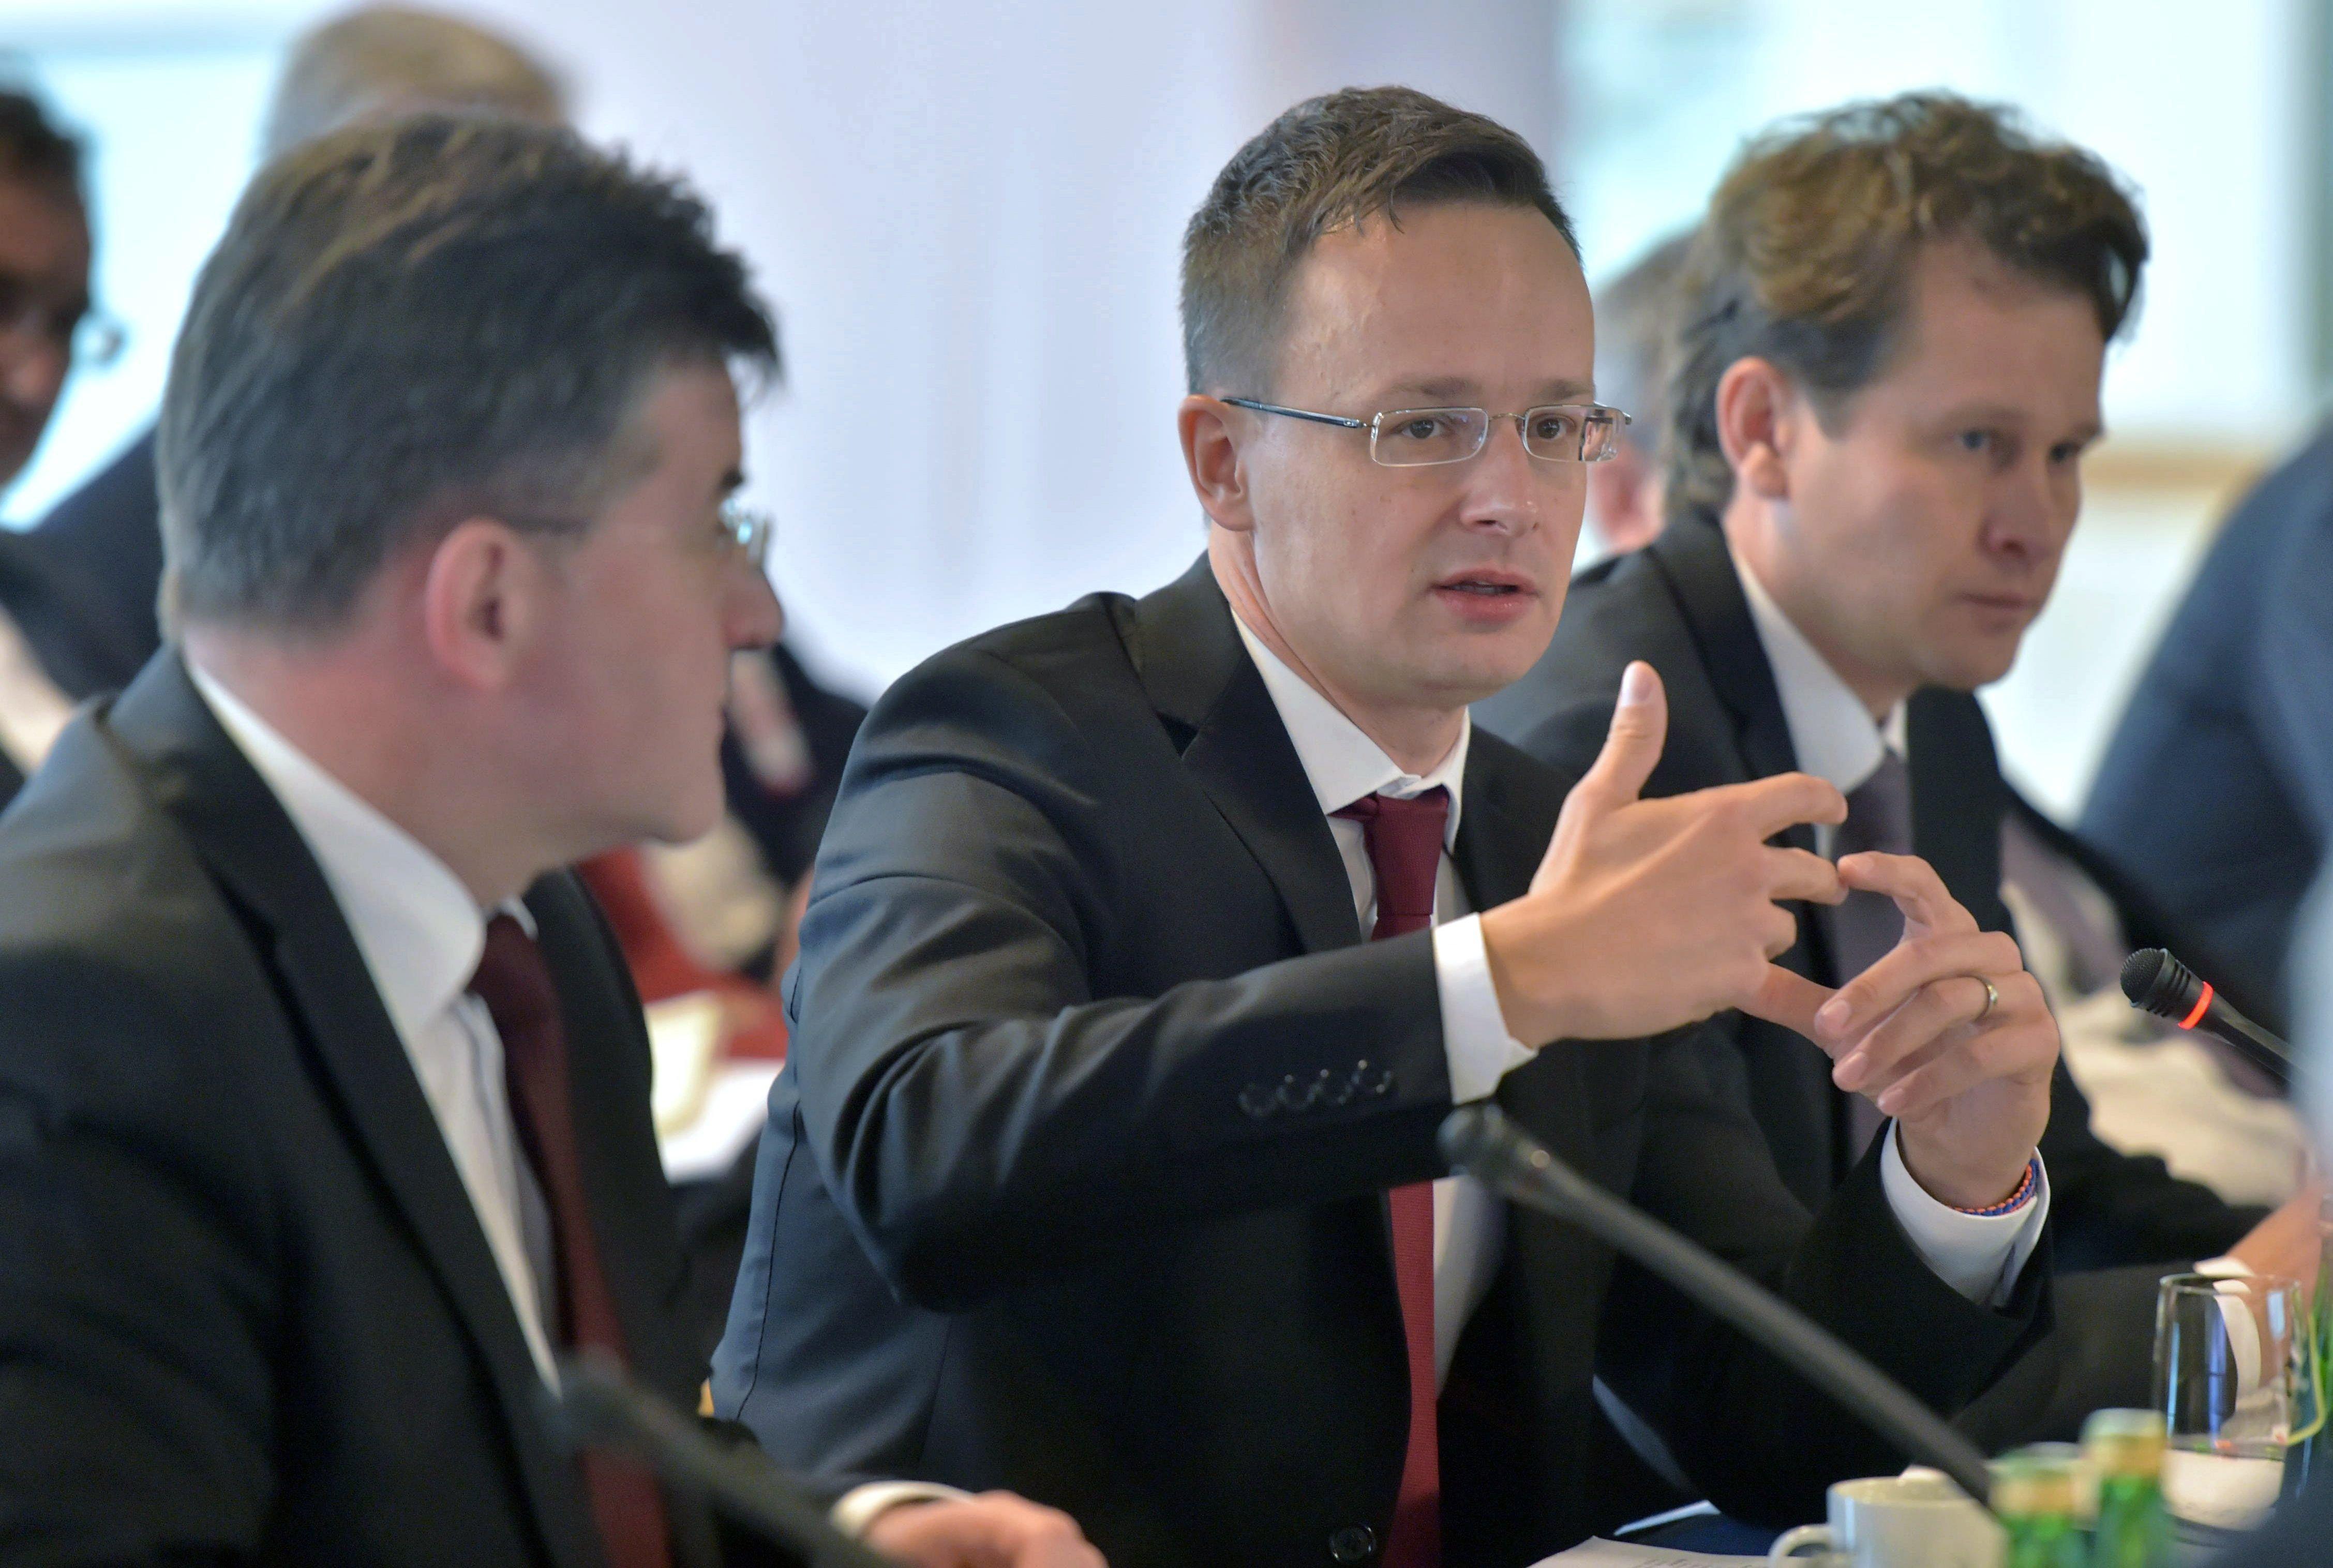 Nagyköveti posztot kap Orbán volt kabinetfőnöke és a kormány CEU-ügyi főtárgyalója